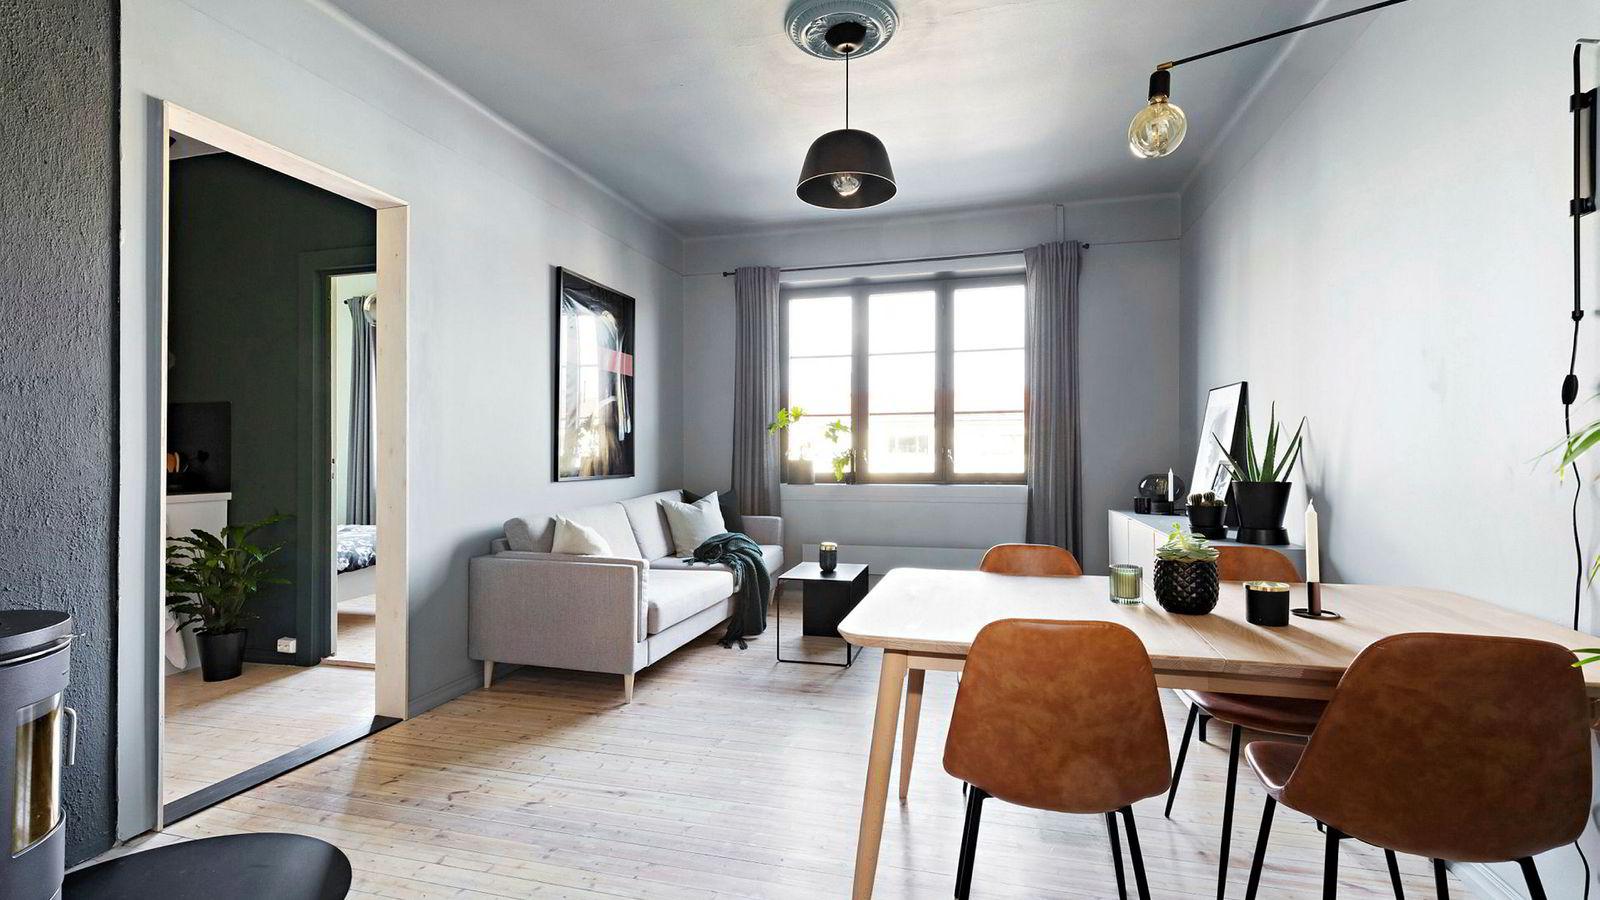 En 56 kvadratmeter stor leilighet i Uelands gate i Oslo med prisantydning på 4,4 millioner ble denne uken solgt for 4,6 millioner kroner før visning.